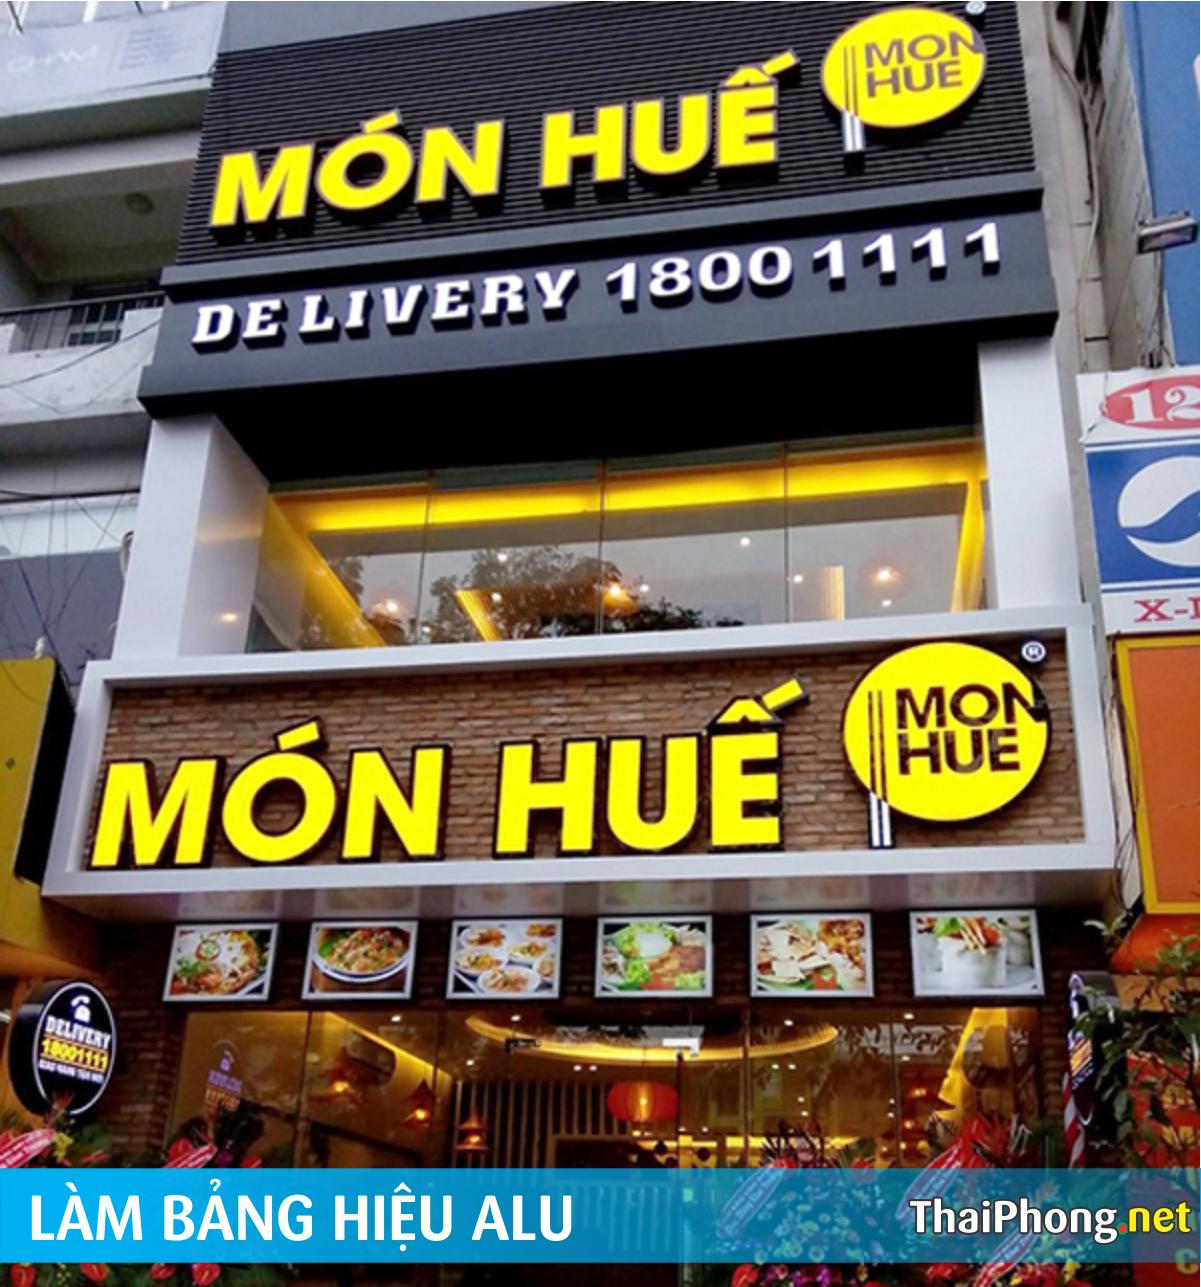 Bảng hiệu alu chữ nổi led quán ăn nhà hàng Món Huế